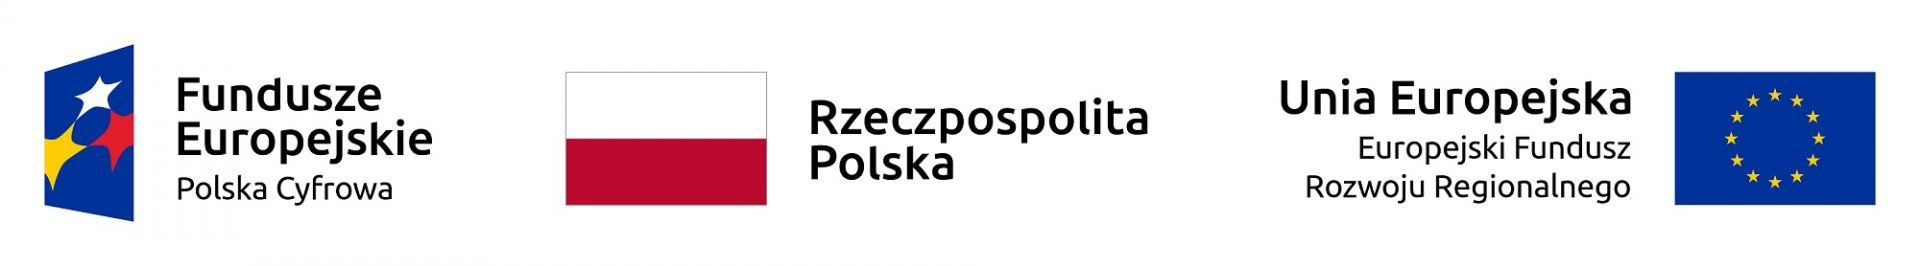 Logotypy: Program Operacyjny Polska Cyfrowa, Rzeczpospolita Polska, Unia Europejska - Europejski Fundusz Rozwoju Regionalnego